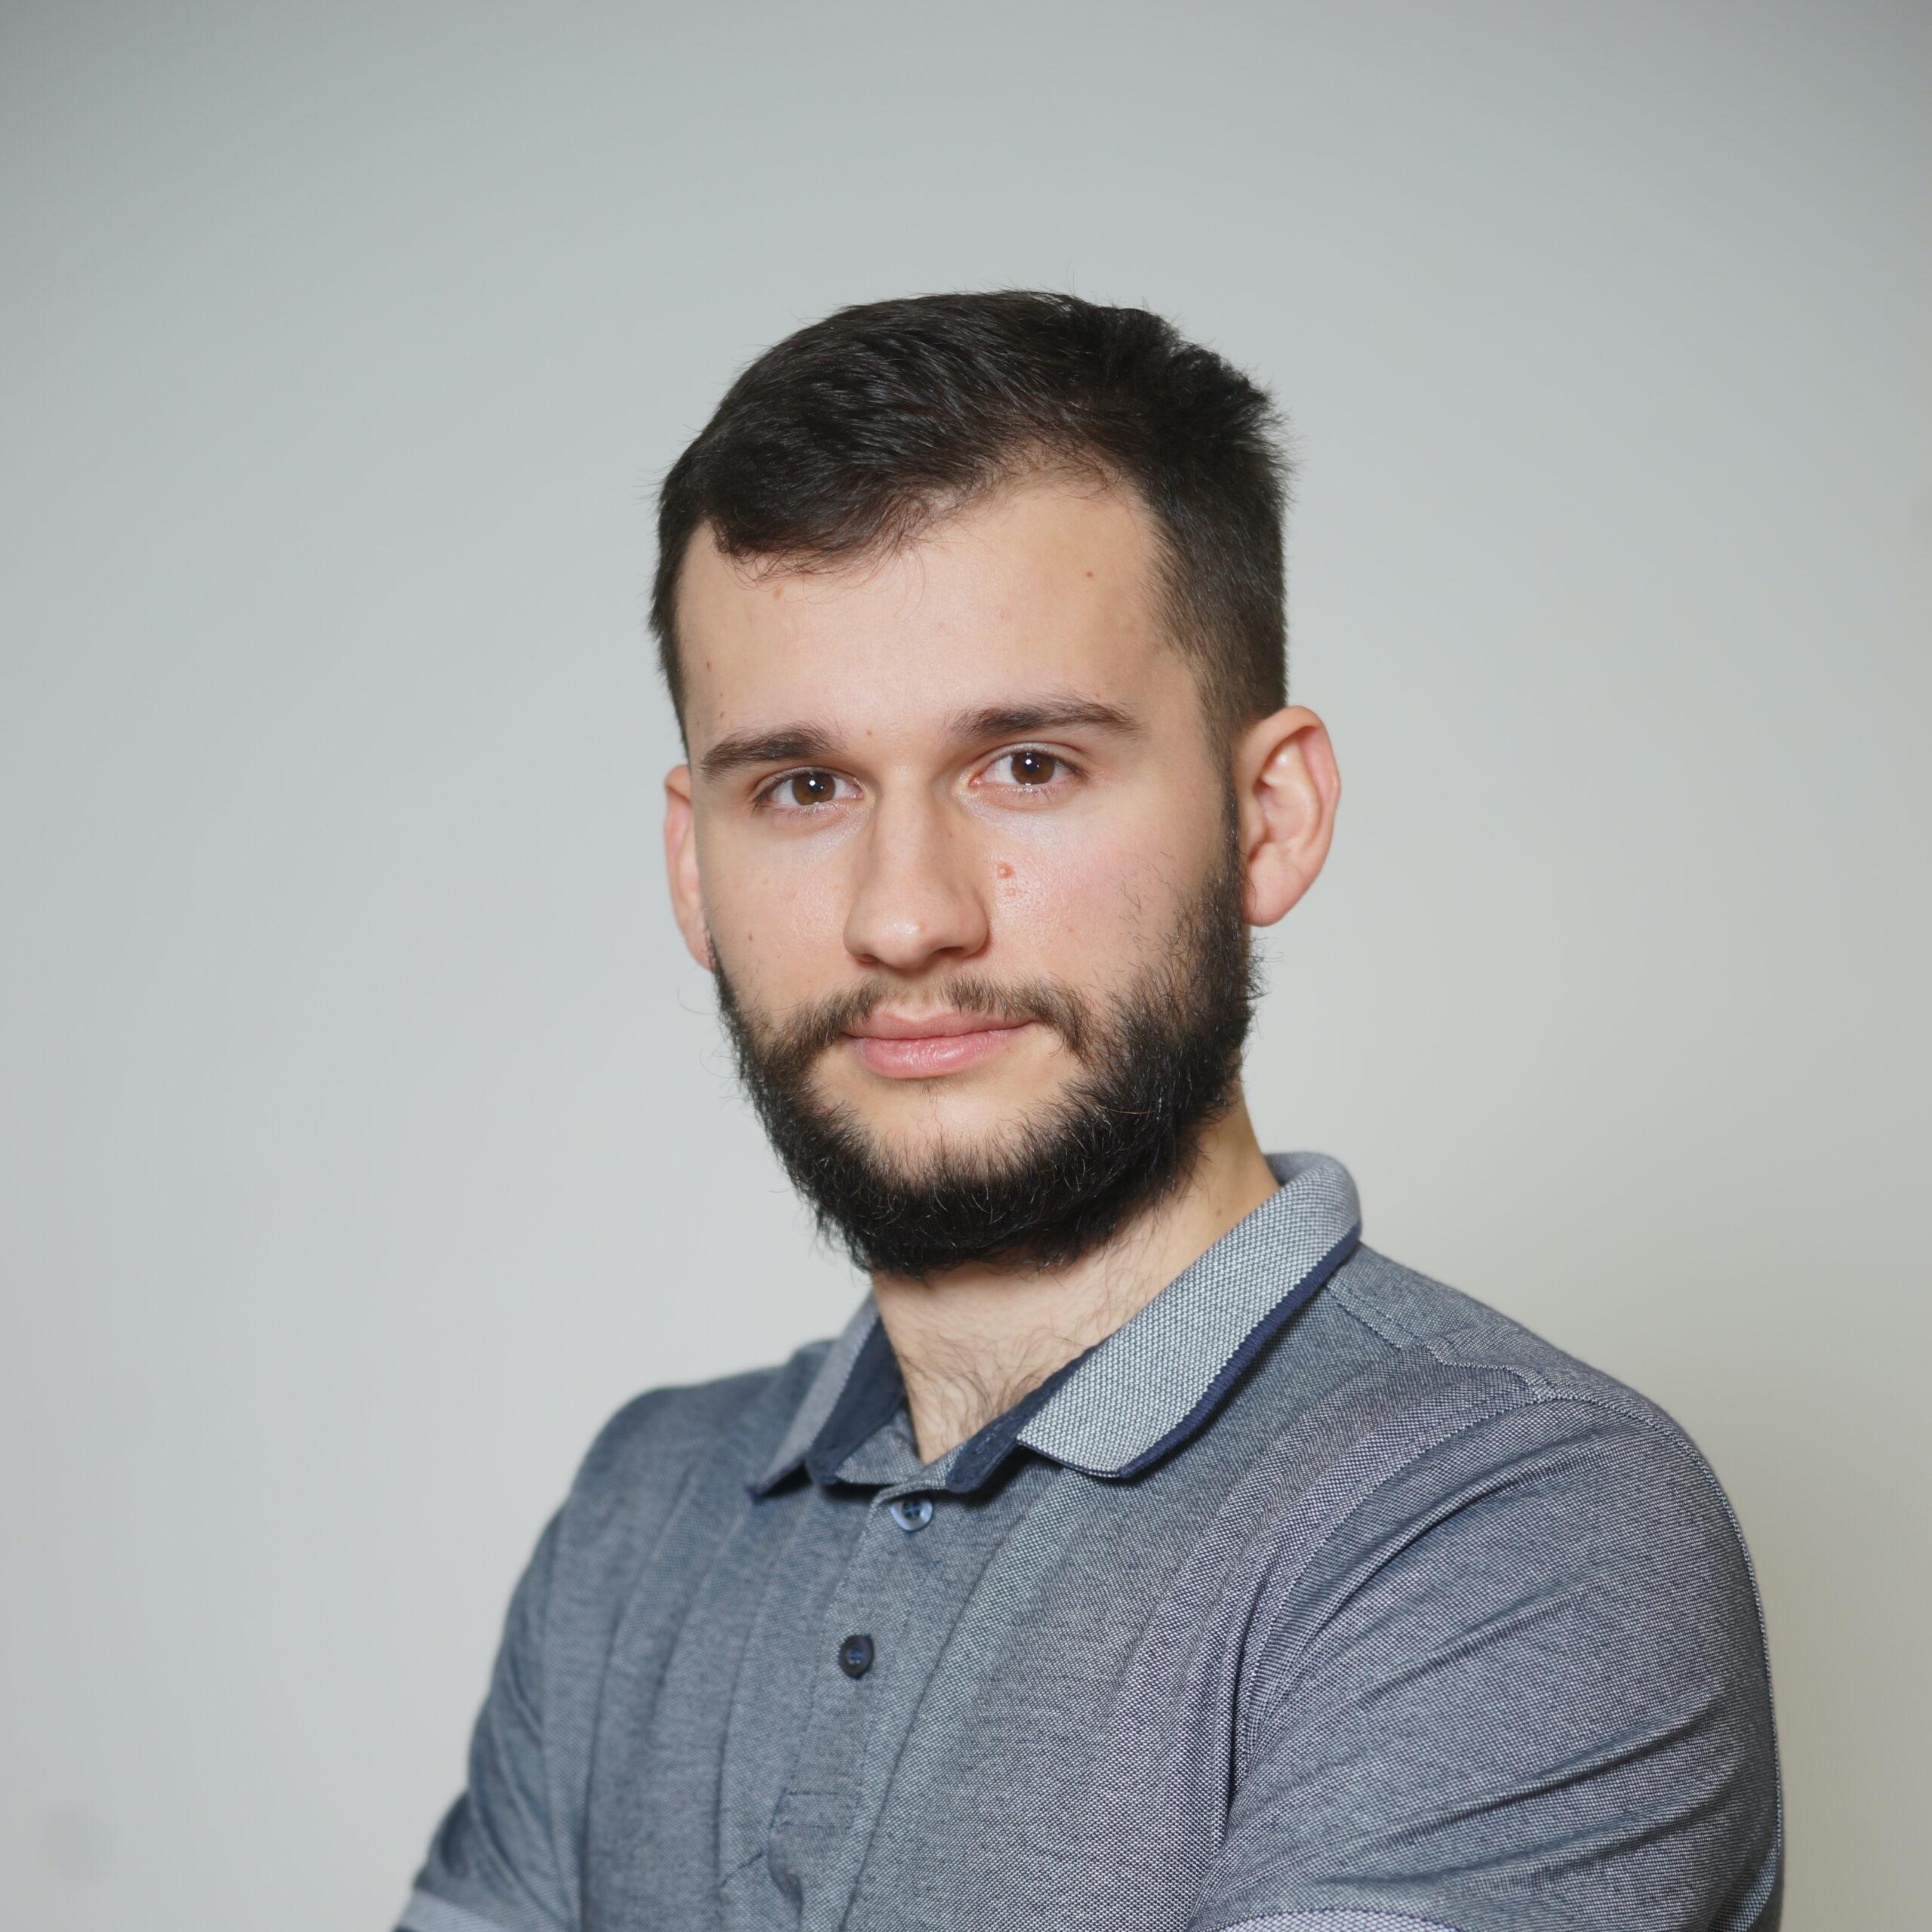 DumitruV